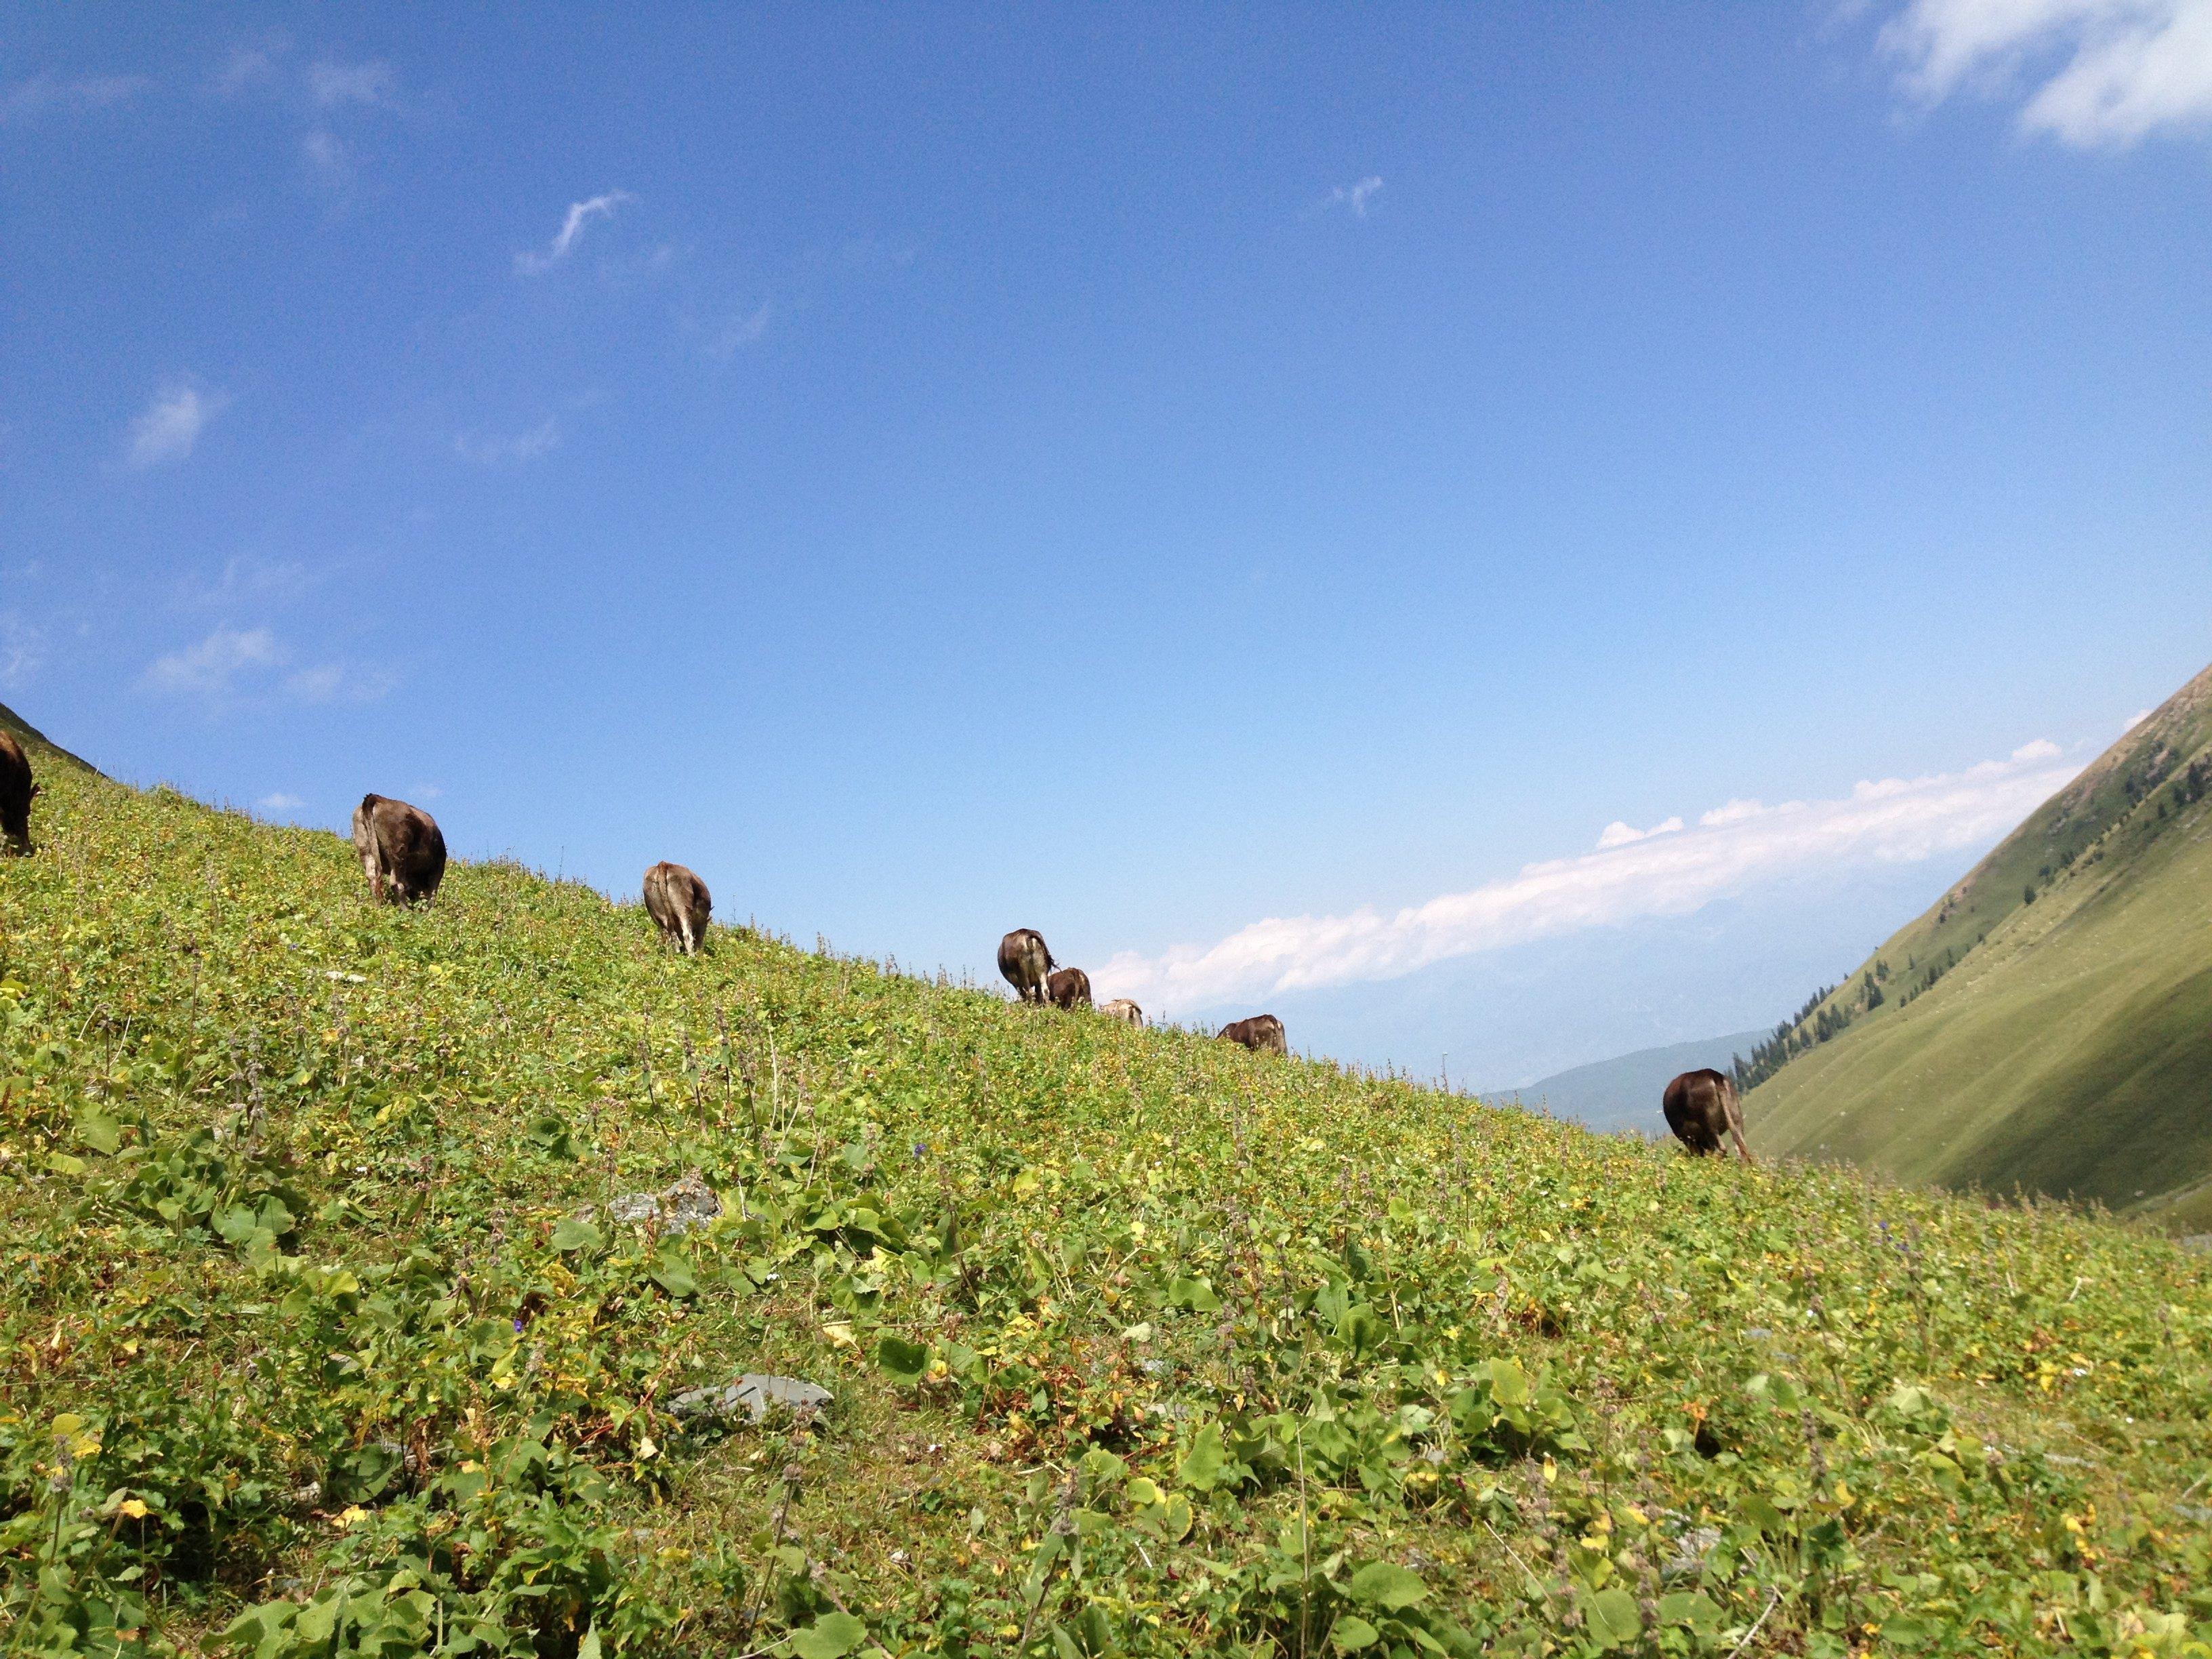 克拉玛依奎屯旅游景点简介,图片,旅游信息推荐-2345